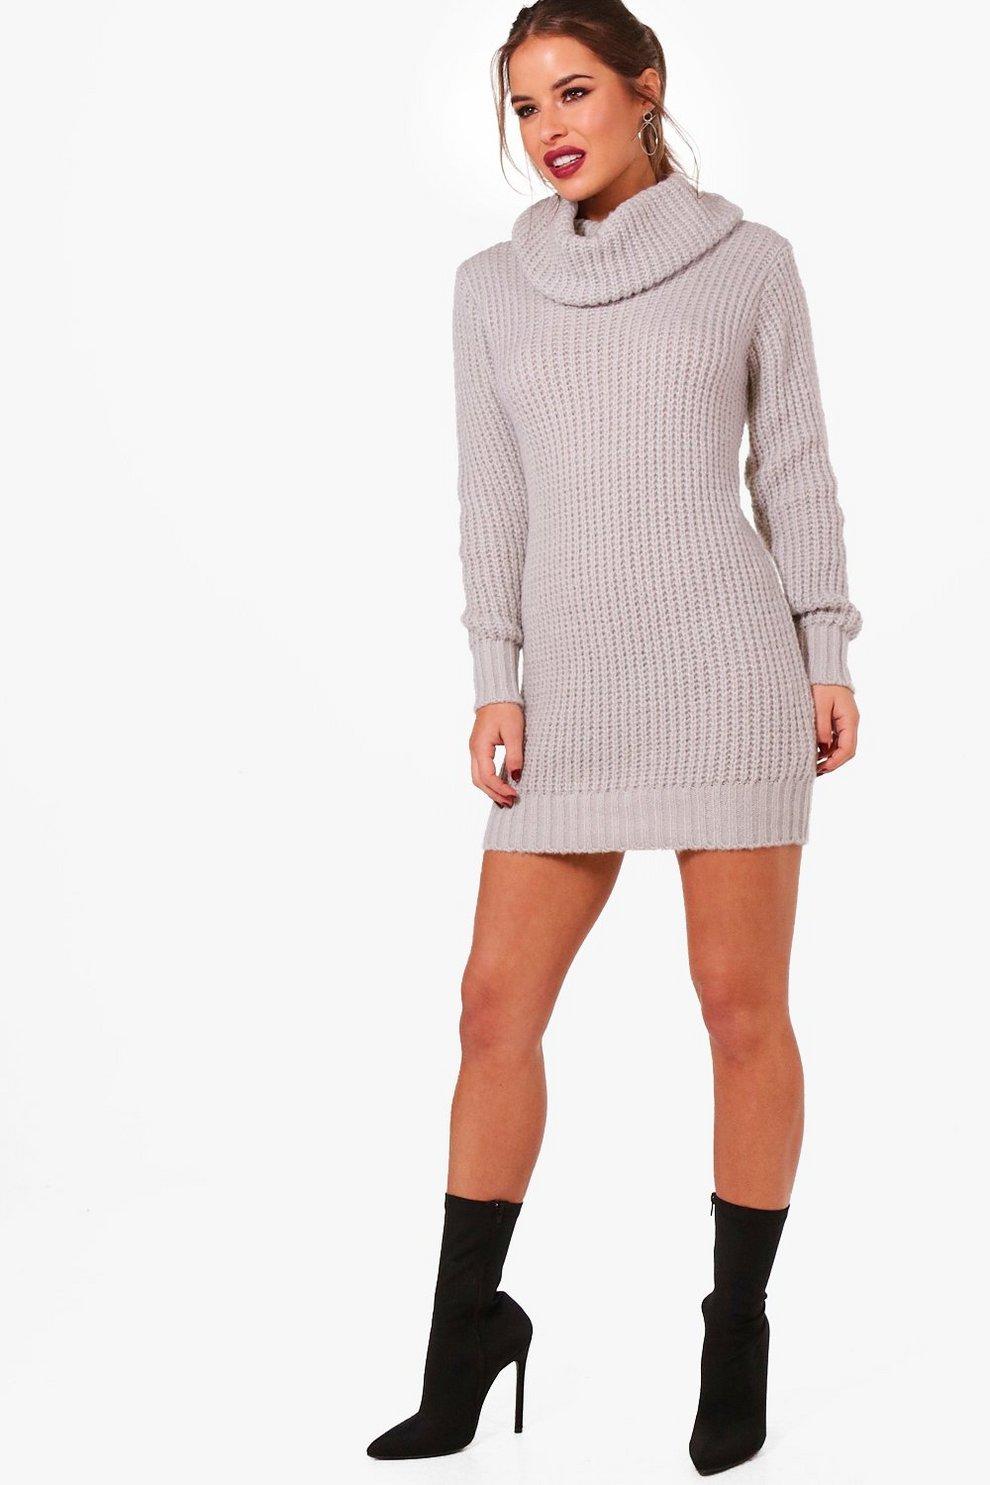 cb407955bfc Petite Oversized Soft Knit Cowl Neck Jumper Dress